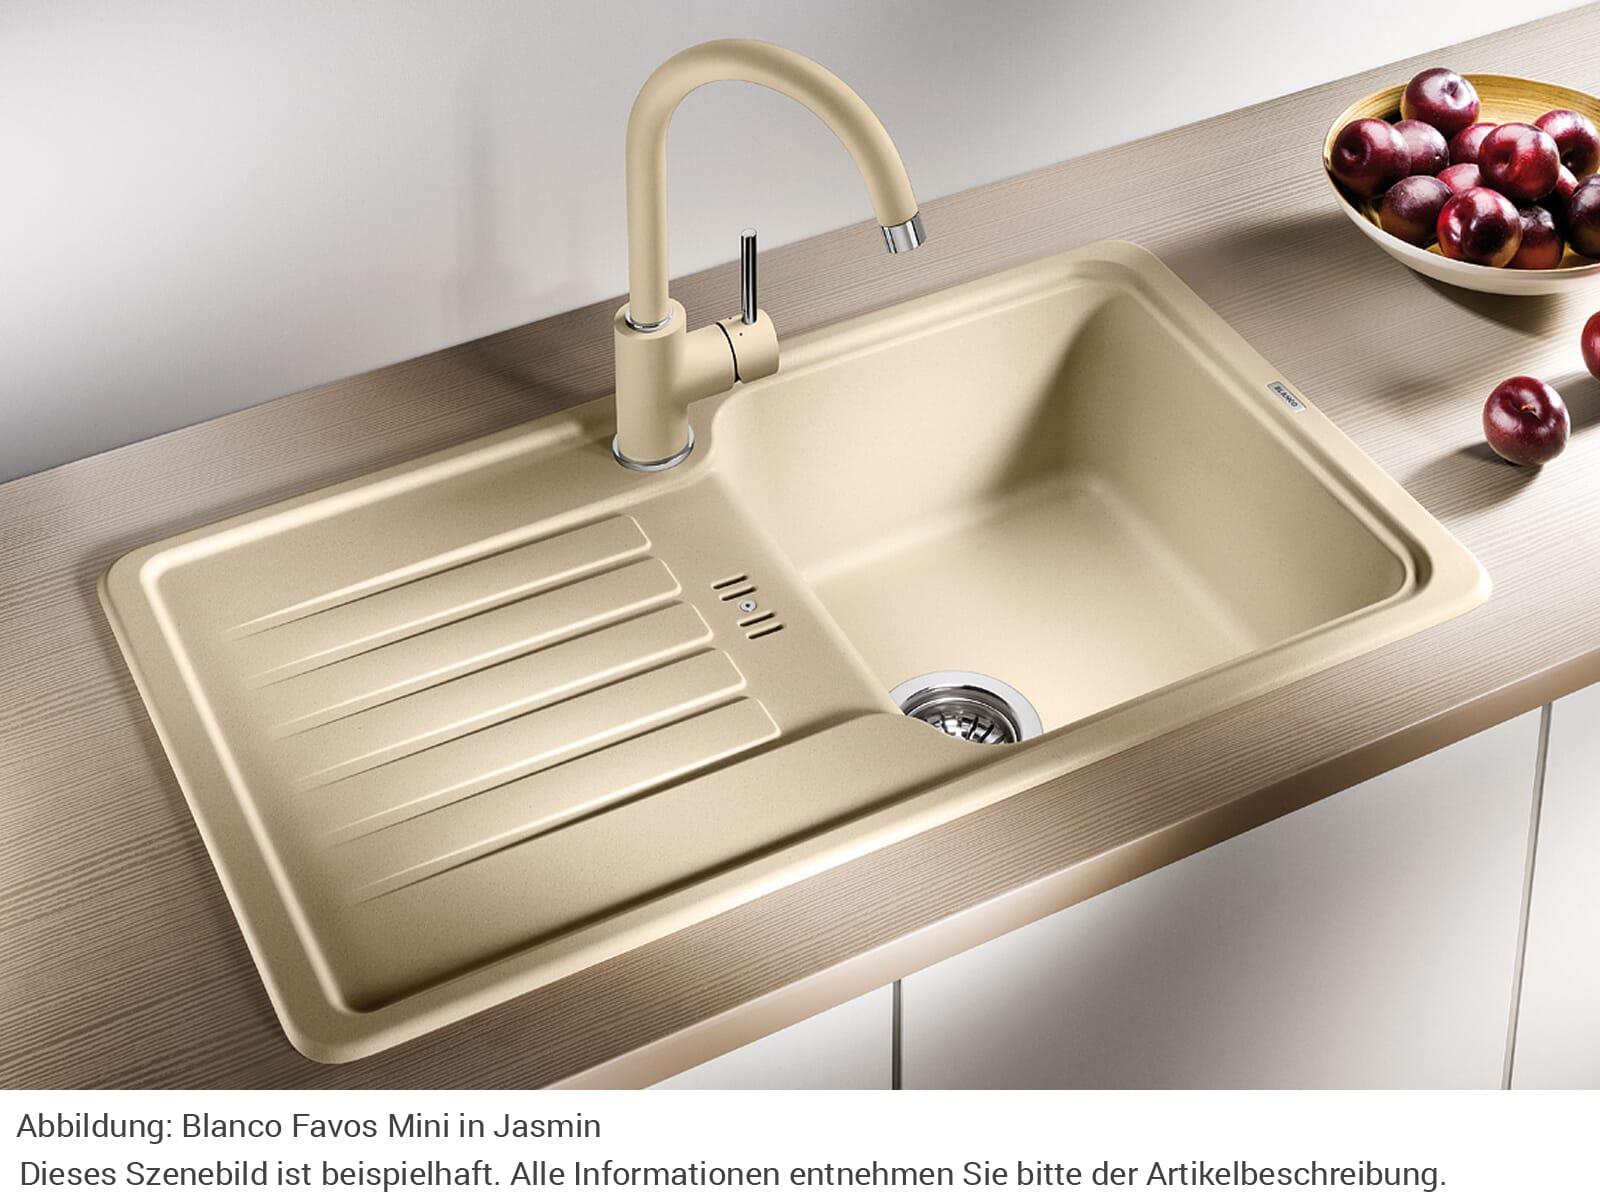 Miniküche Mit Kühlschrank Toom : Mini spülbecken küche spüle mit kühlschrank schön singleküche